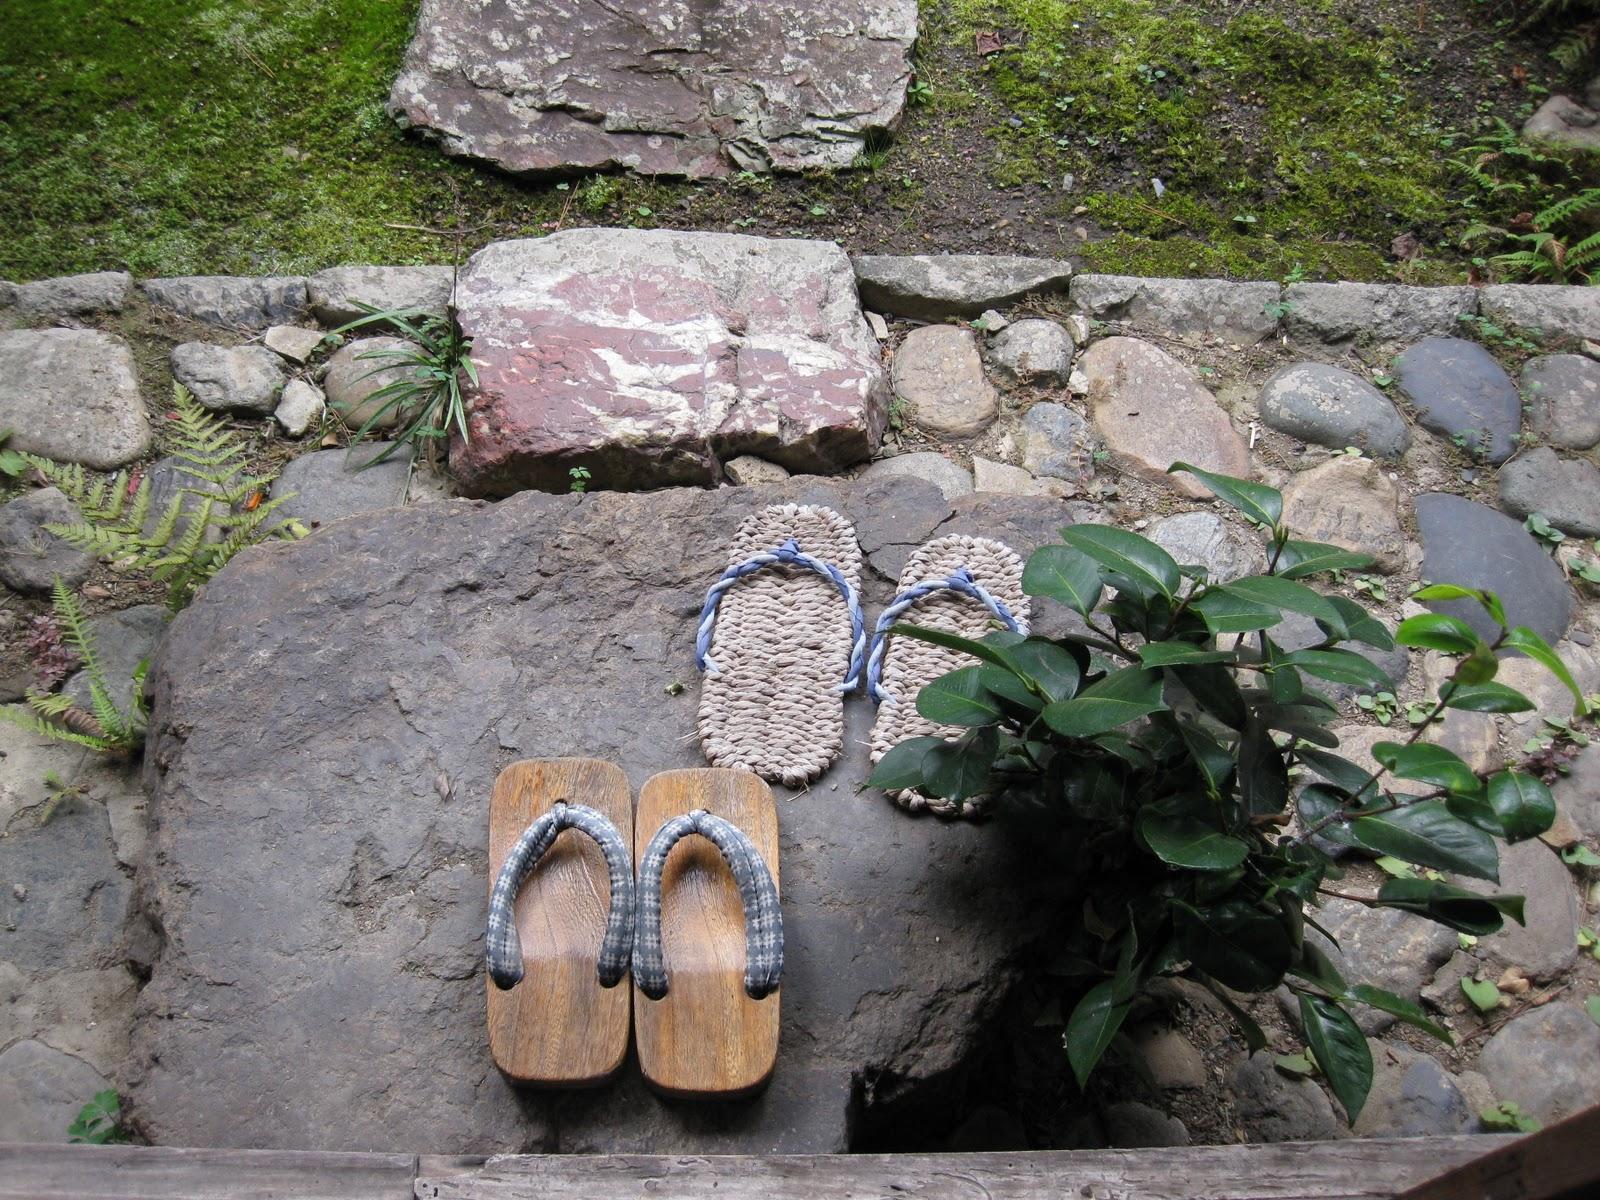 Homenaje al jard n japon s espacios vivos for Jardin japones cursos